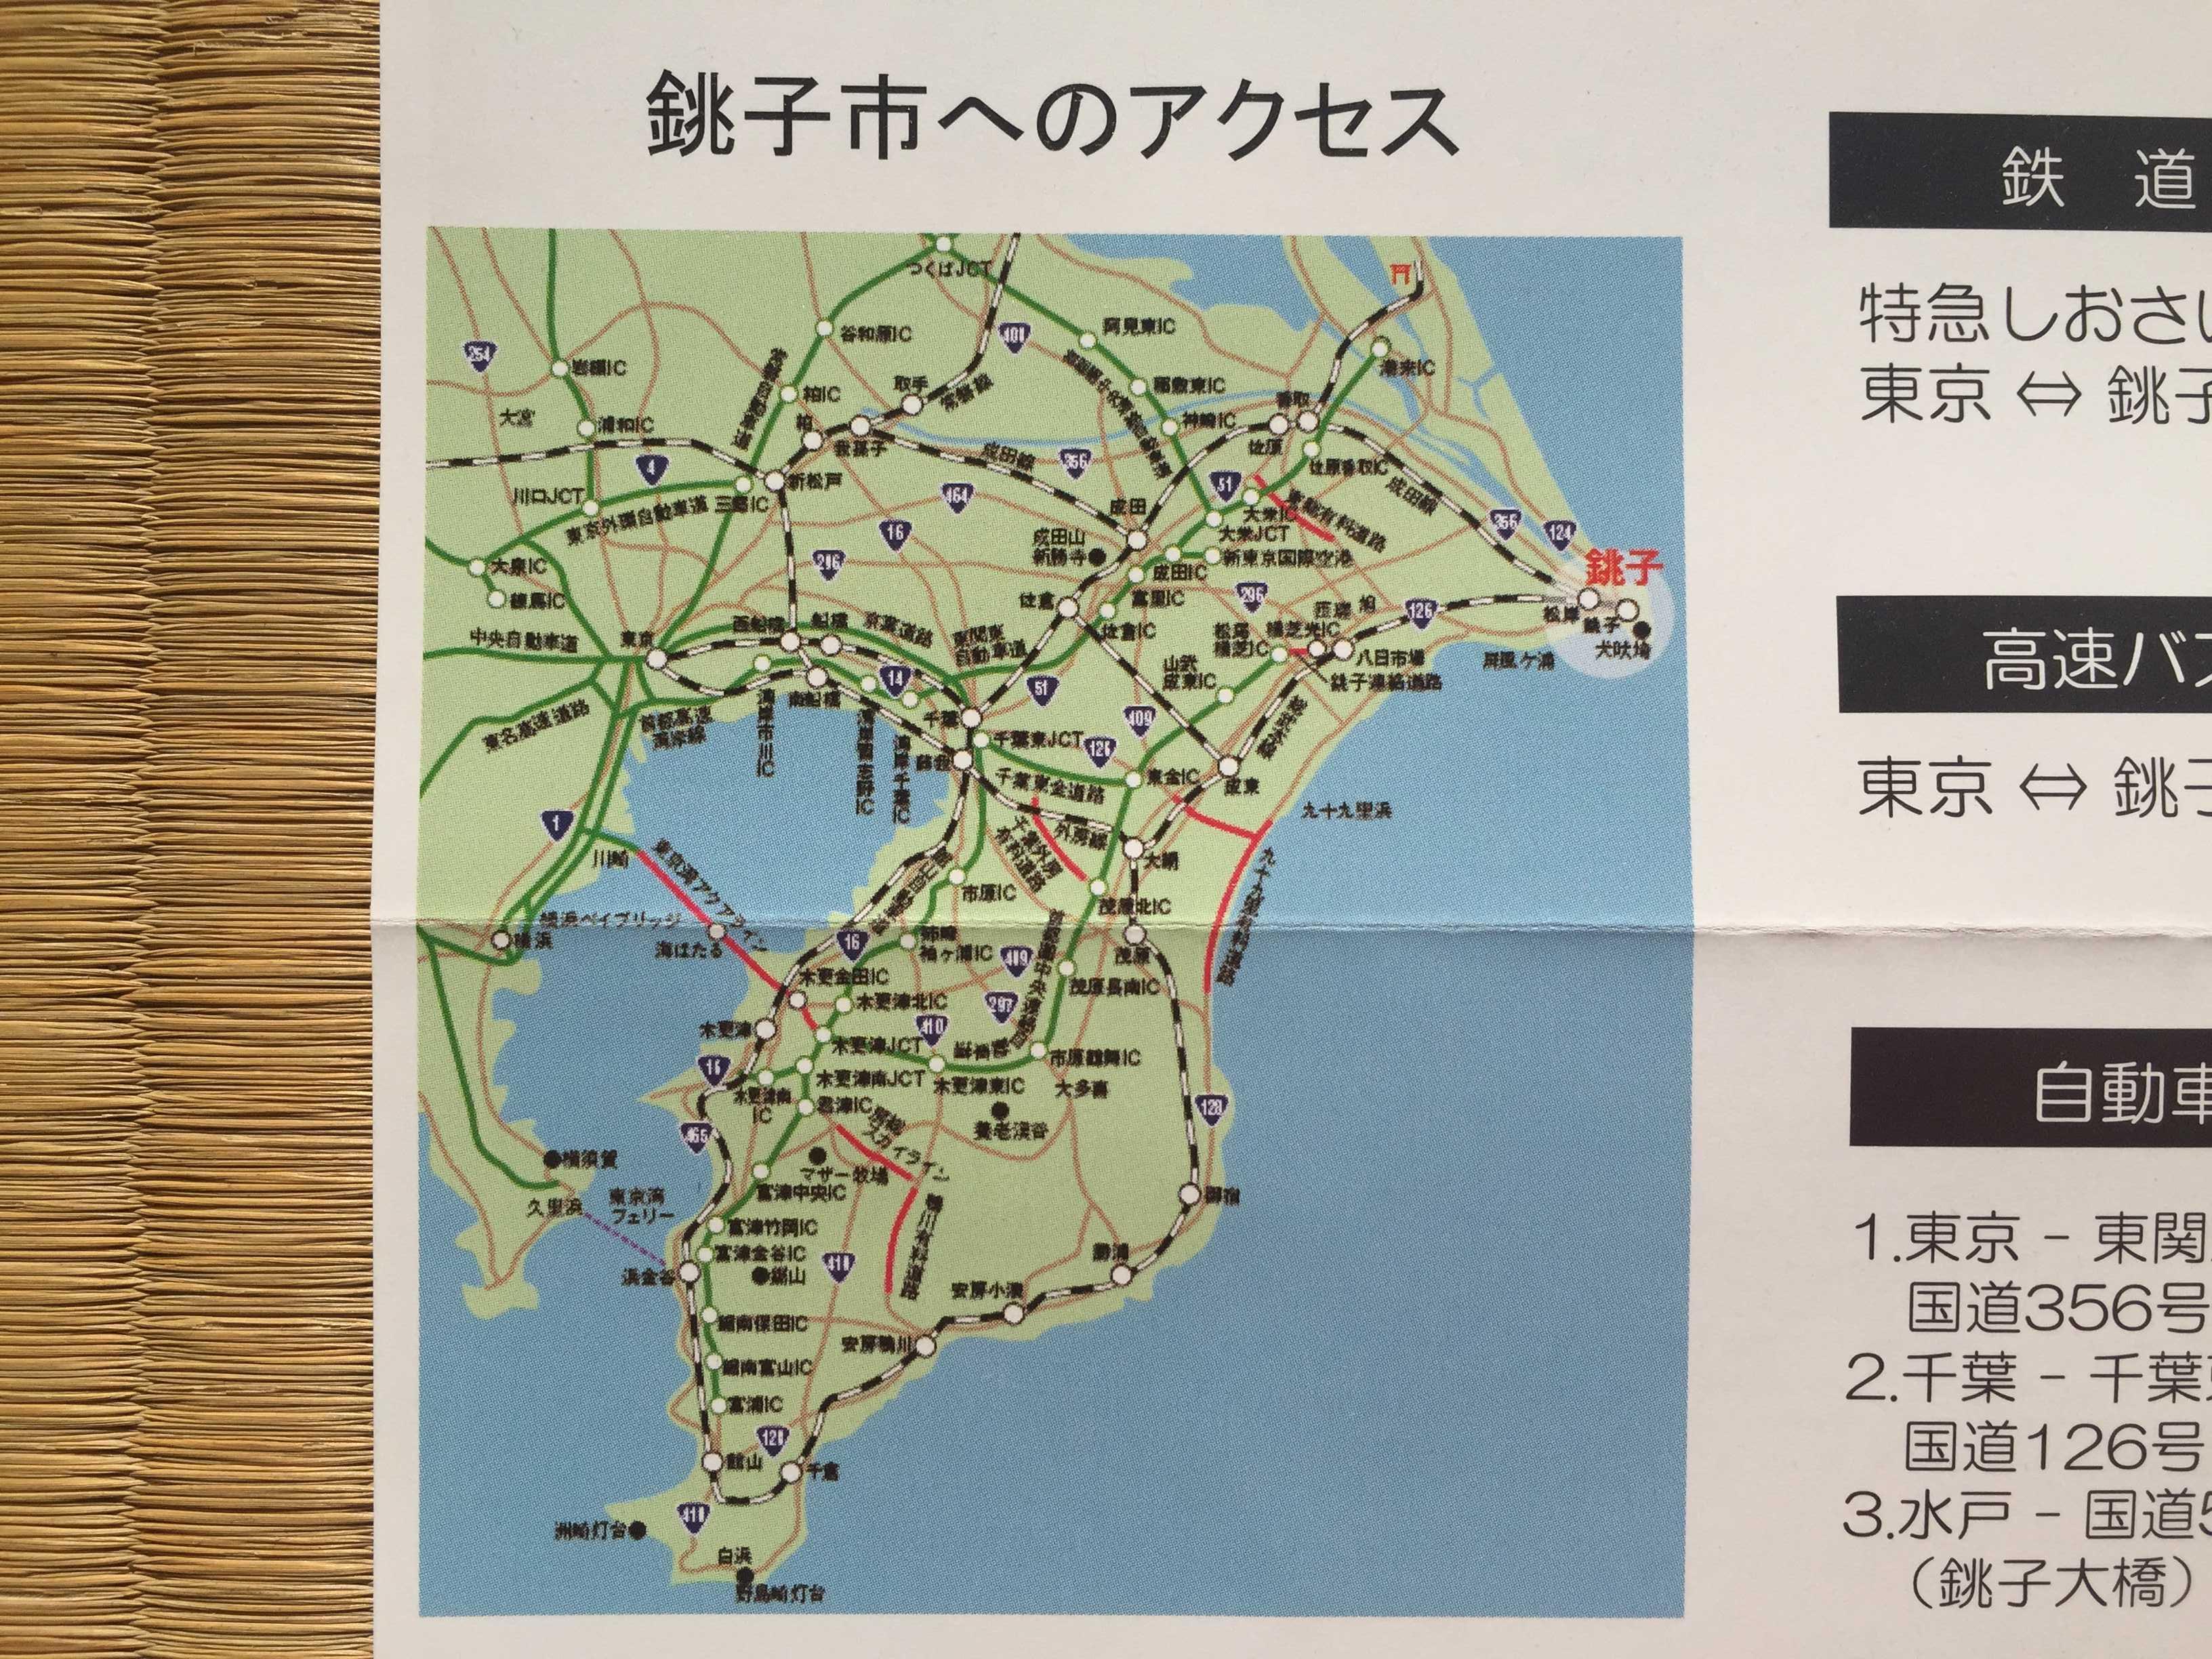 銚子市へのアクセス - 千葉県銚子市 移住定住推進パンフレット